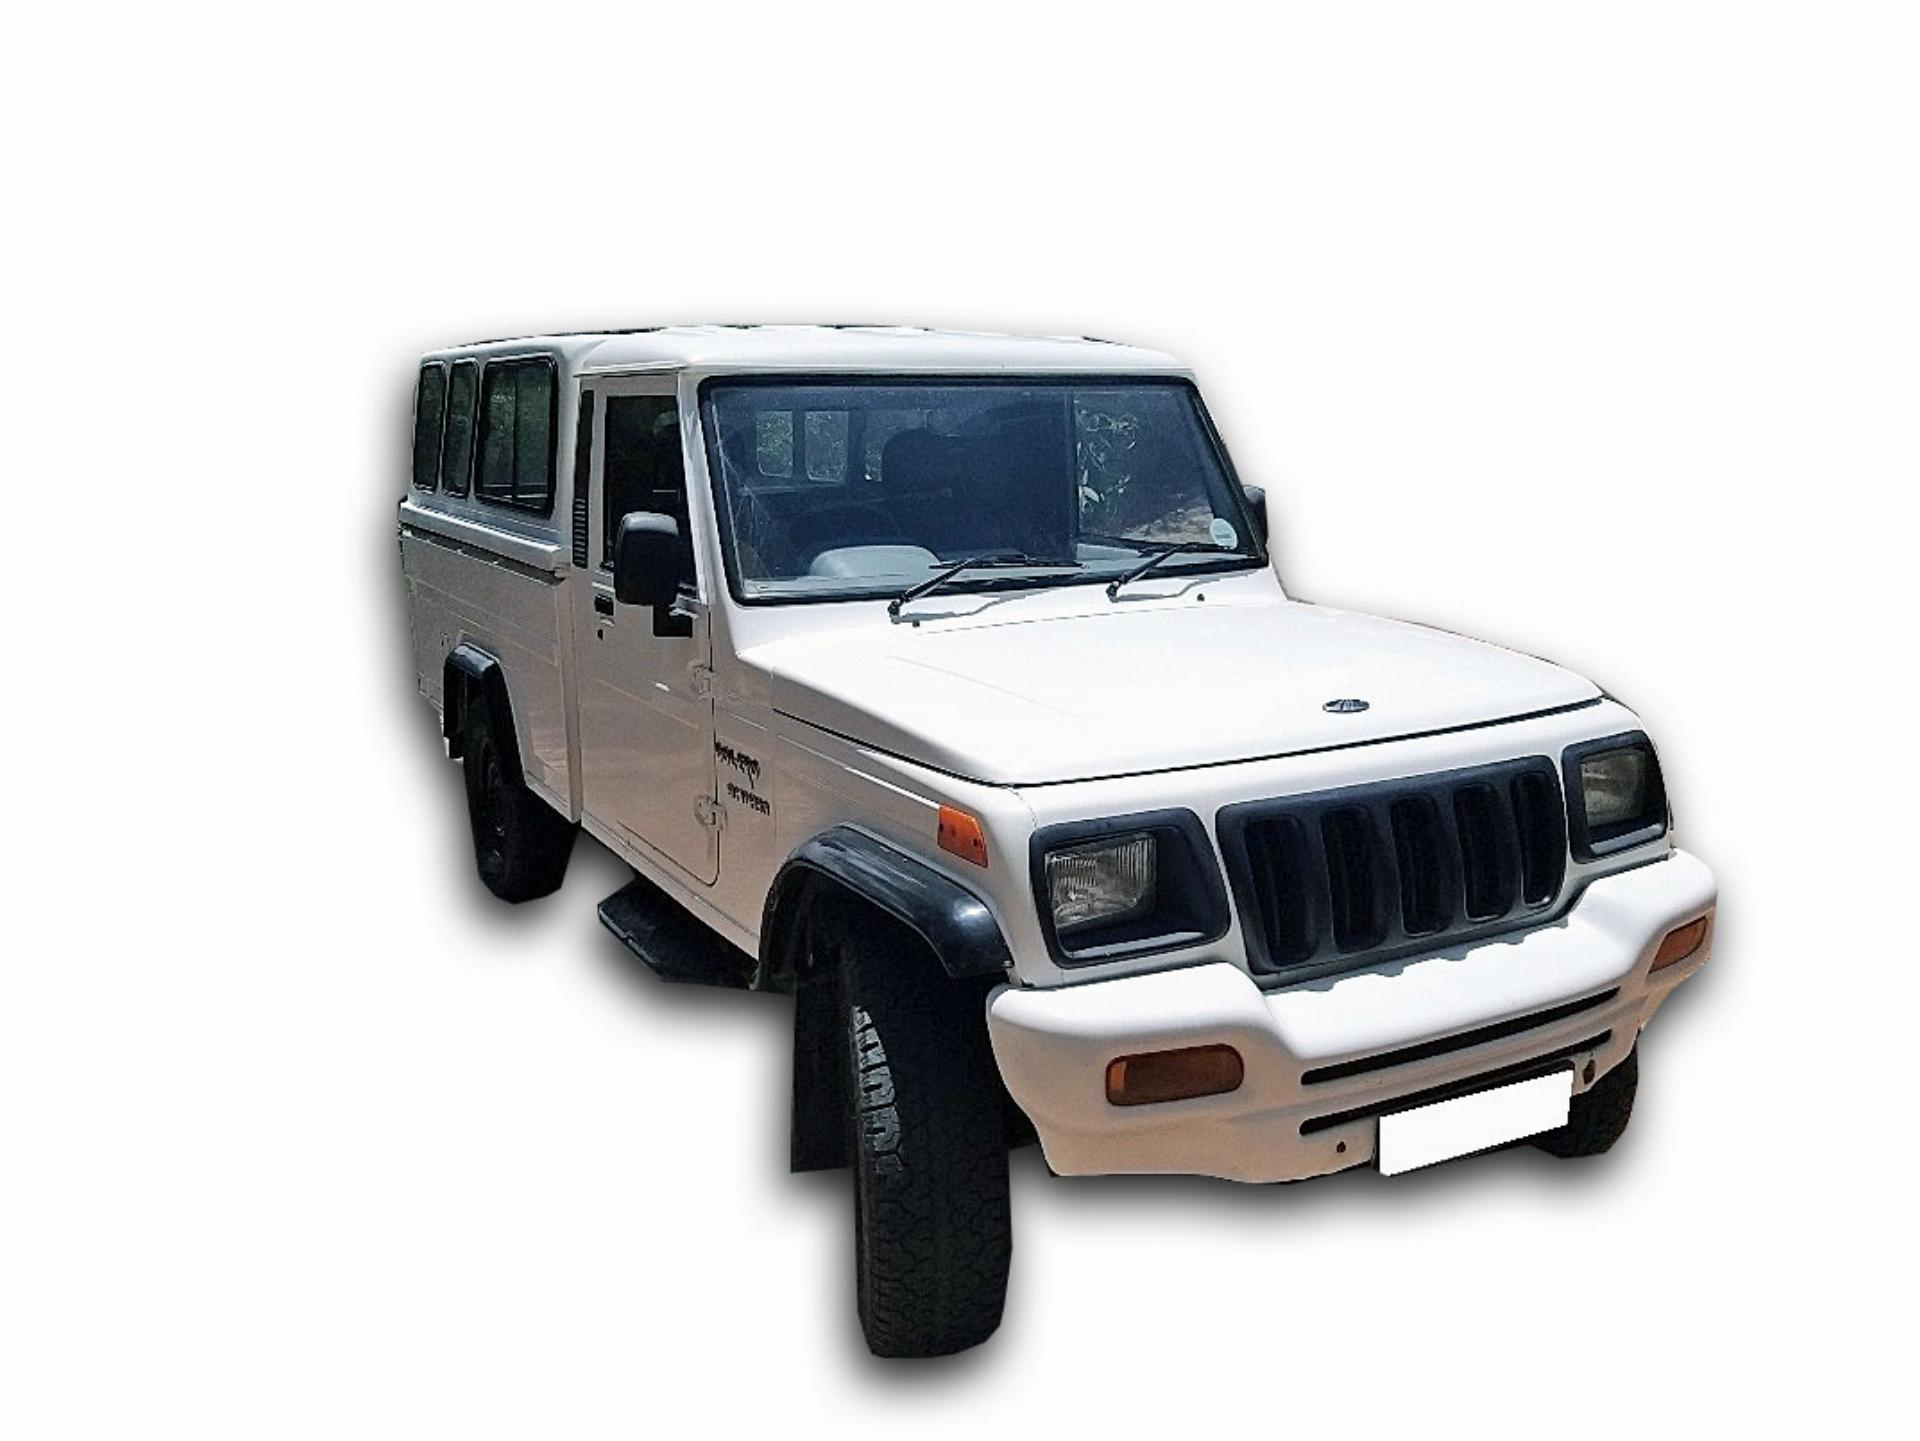 Mahindra Bolero 2.5LT SC Turbo